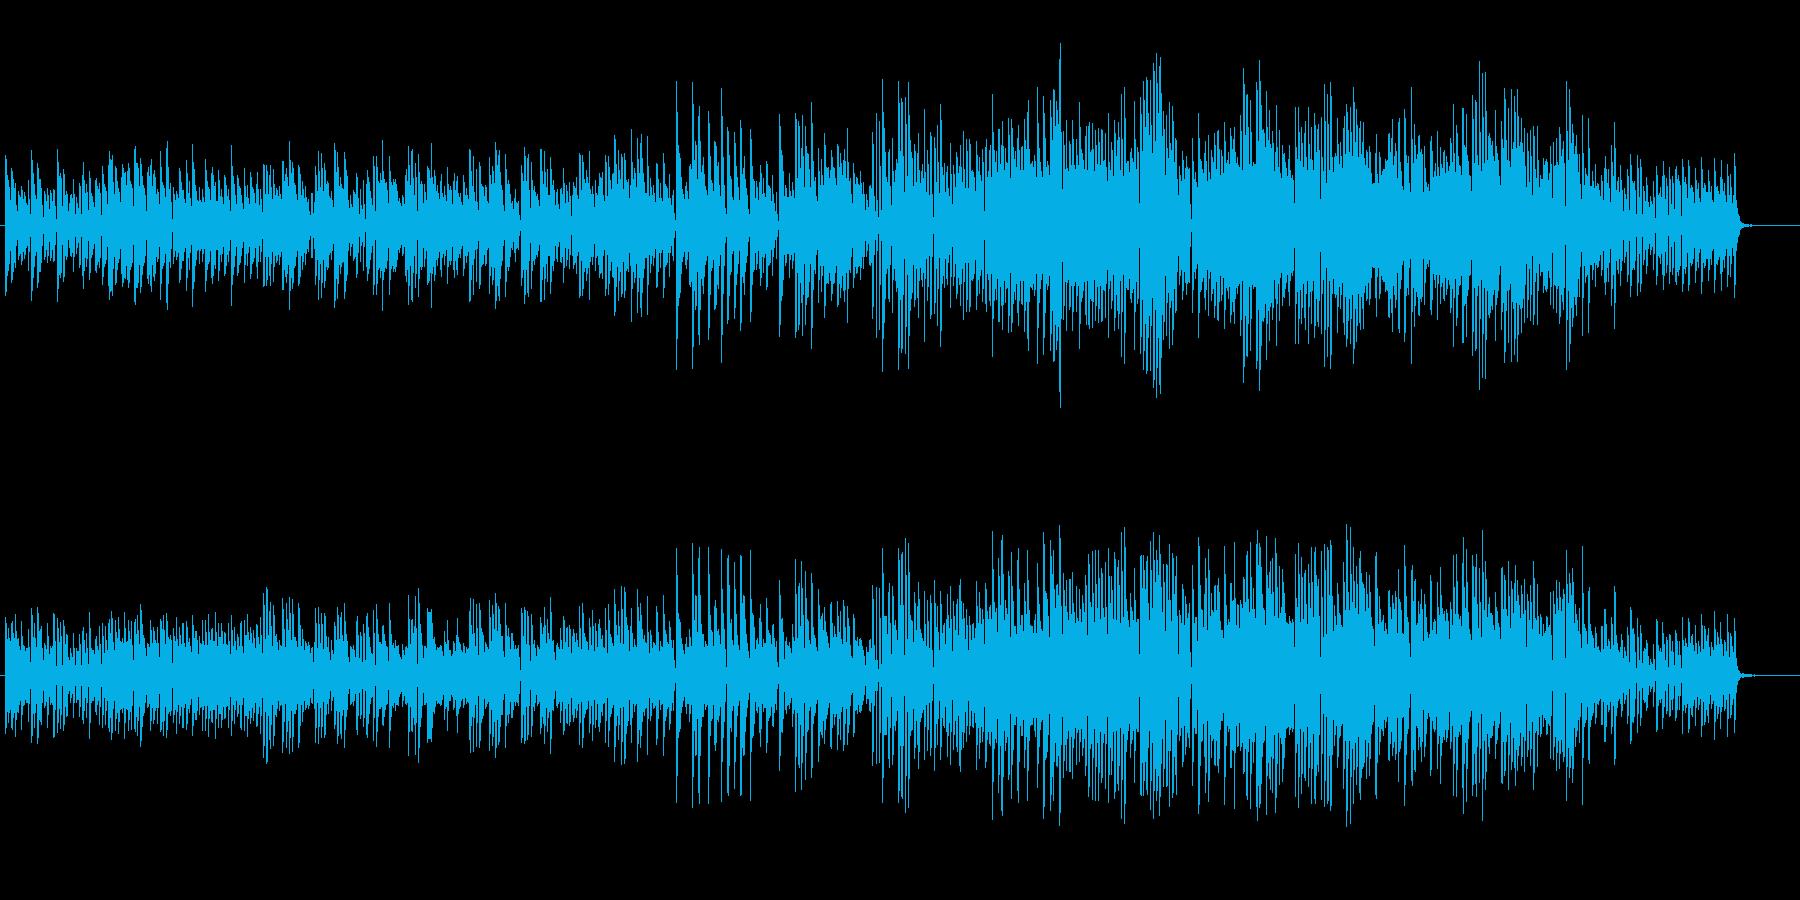 懐かしさを感じる癒しのピアノの再生済みの波形